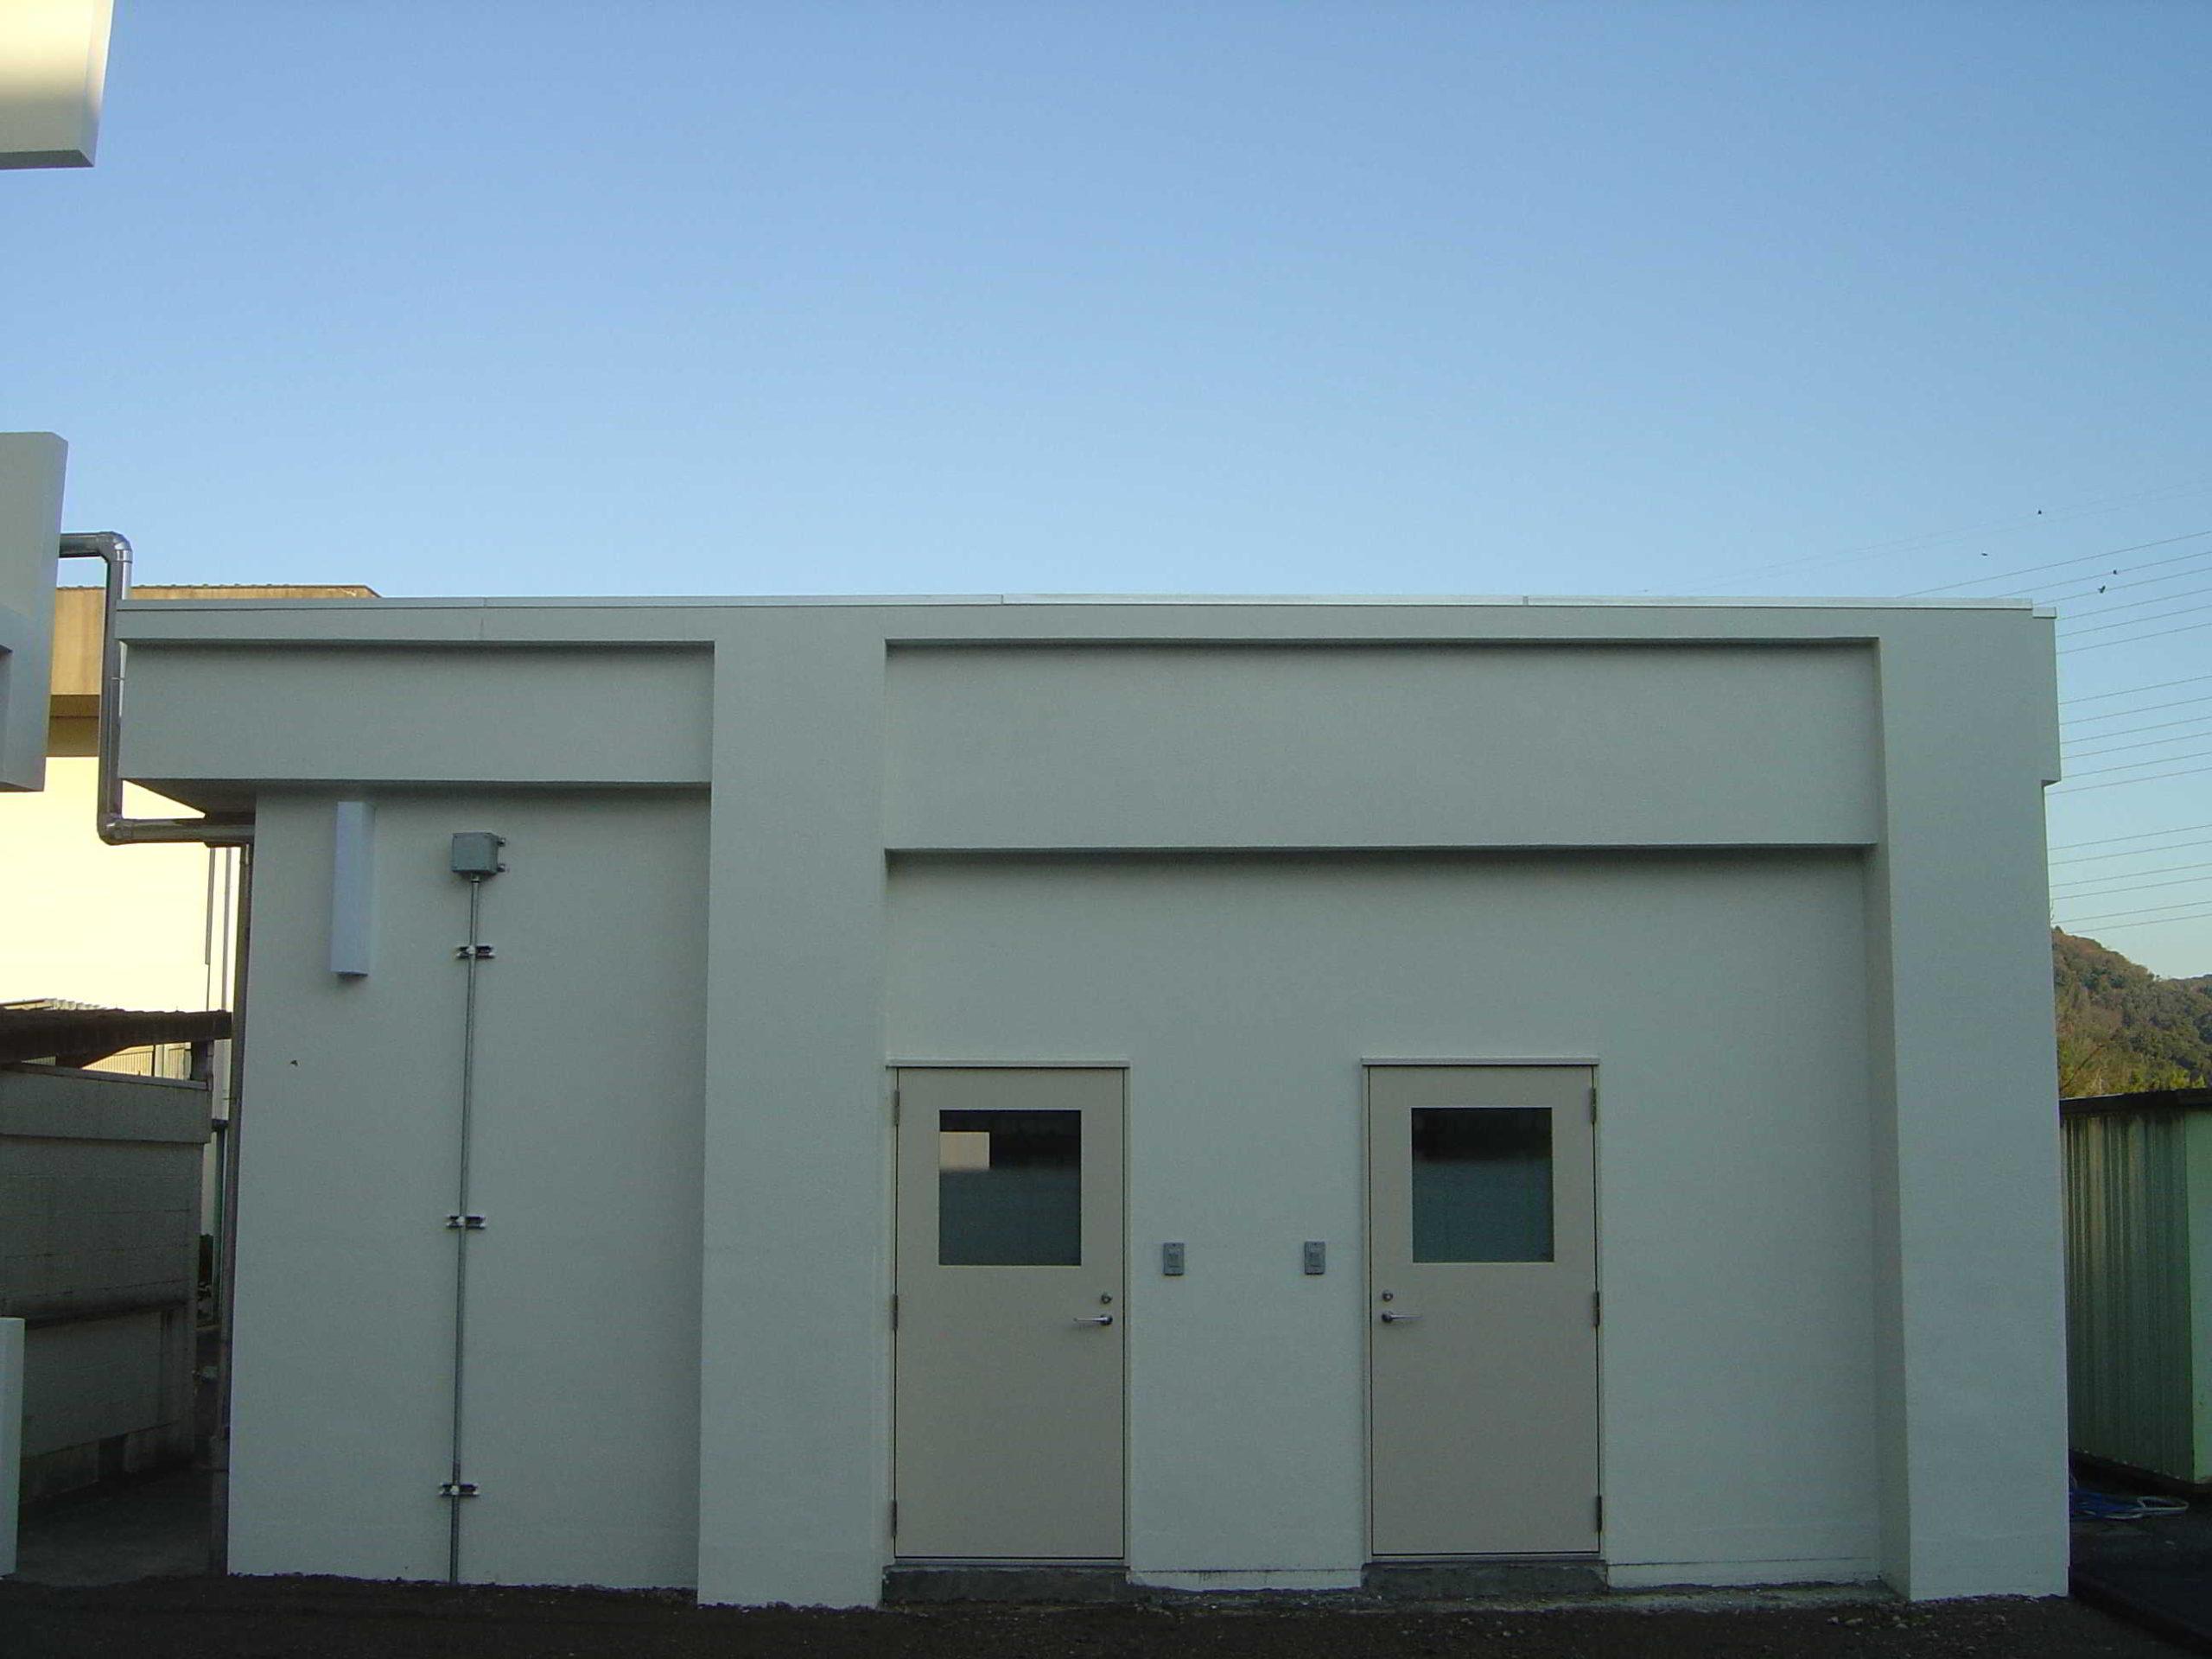 千葉県立上総高等学校校舎(管理特別普通教室棟他)解体・改修工事